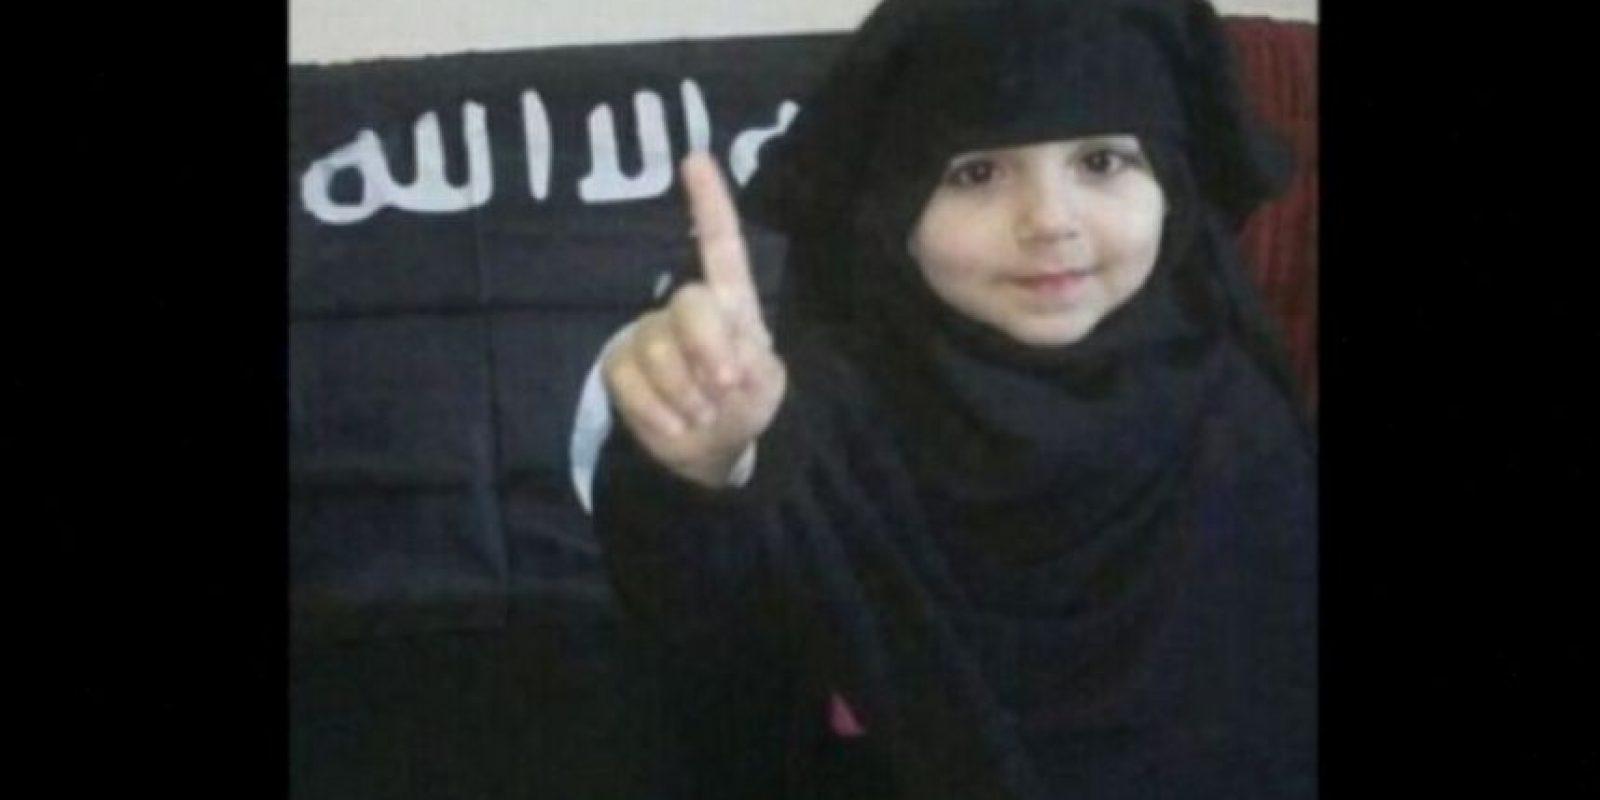 A través de redes sociales, ISIS ha difundido imágenes de bebés y niños vestidos como yihadistas o sus militantes. Foto:Twitter.com – Archivo